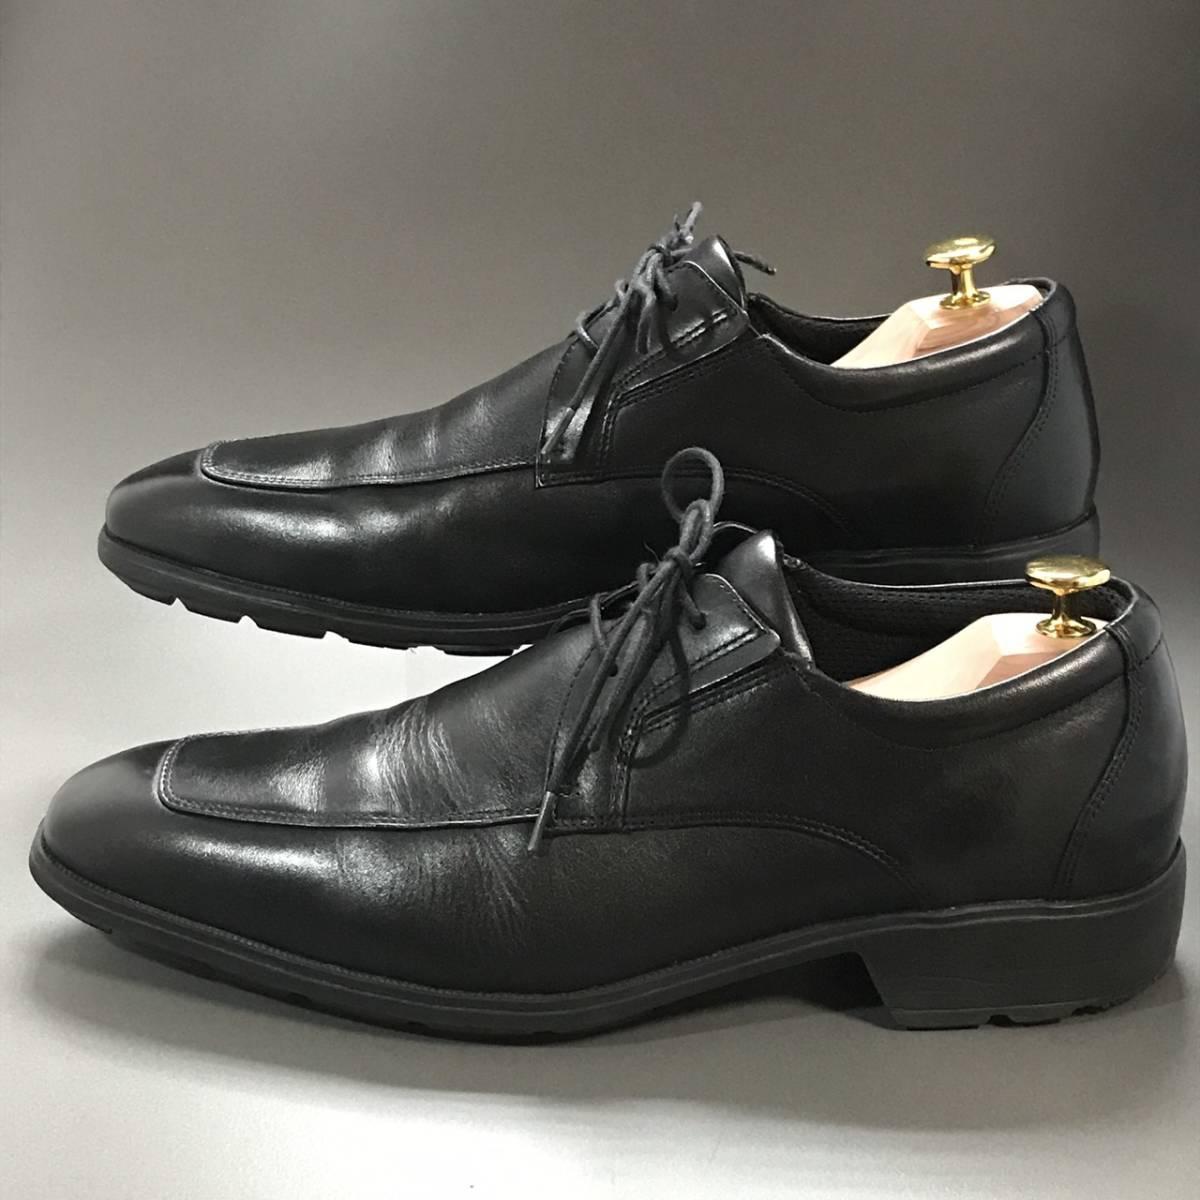 ☆ texcy luxe アシックス商事 TEXCY LUXE 本革軽量 Uチップ ブラック 26.5㎝ テクシー ビジネスシューズ 革靴_画像4